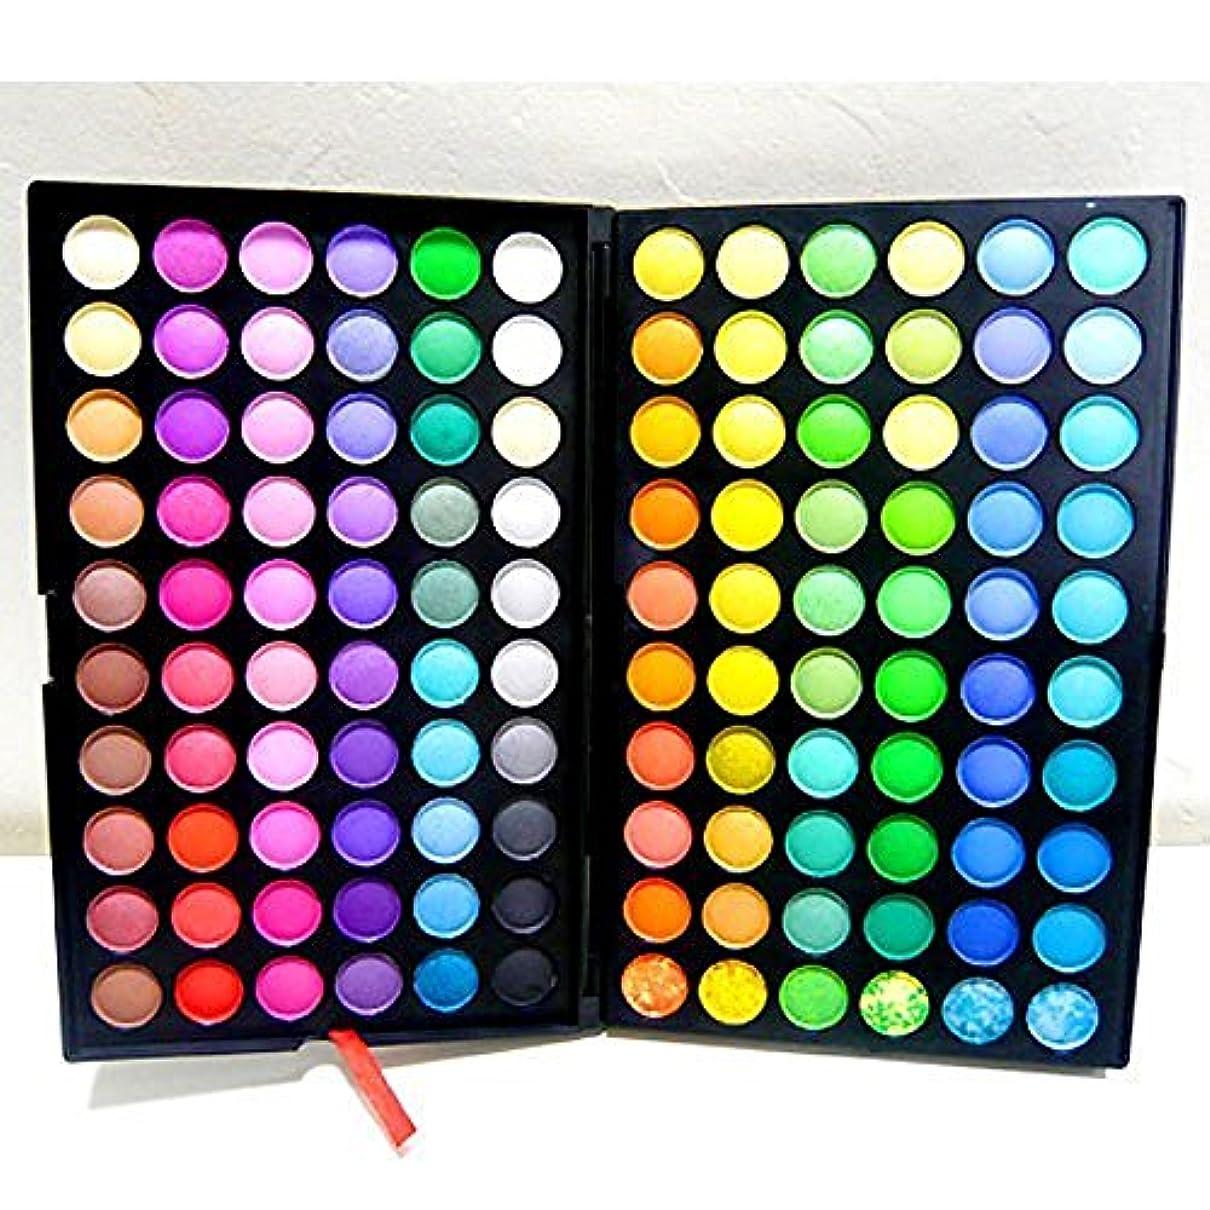 入荷しました【LuxuryRose】発色が素晴らしい!120カラーアイシャドウパレット